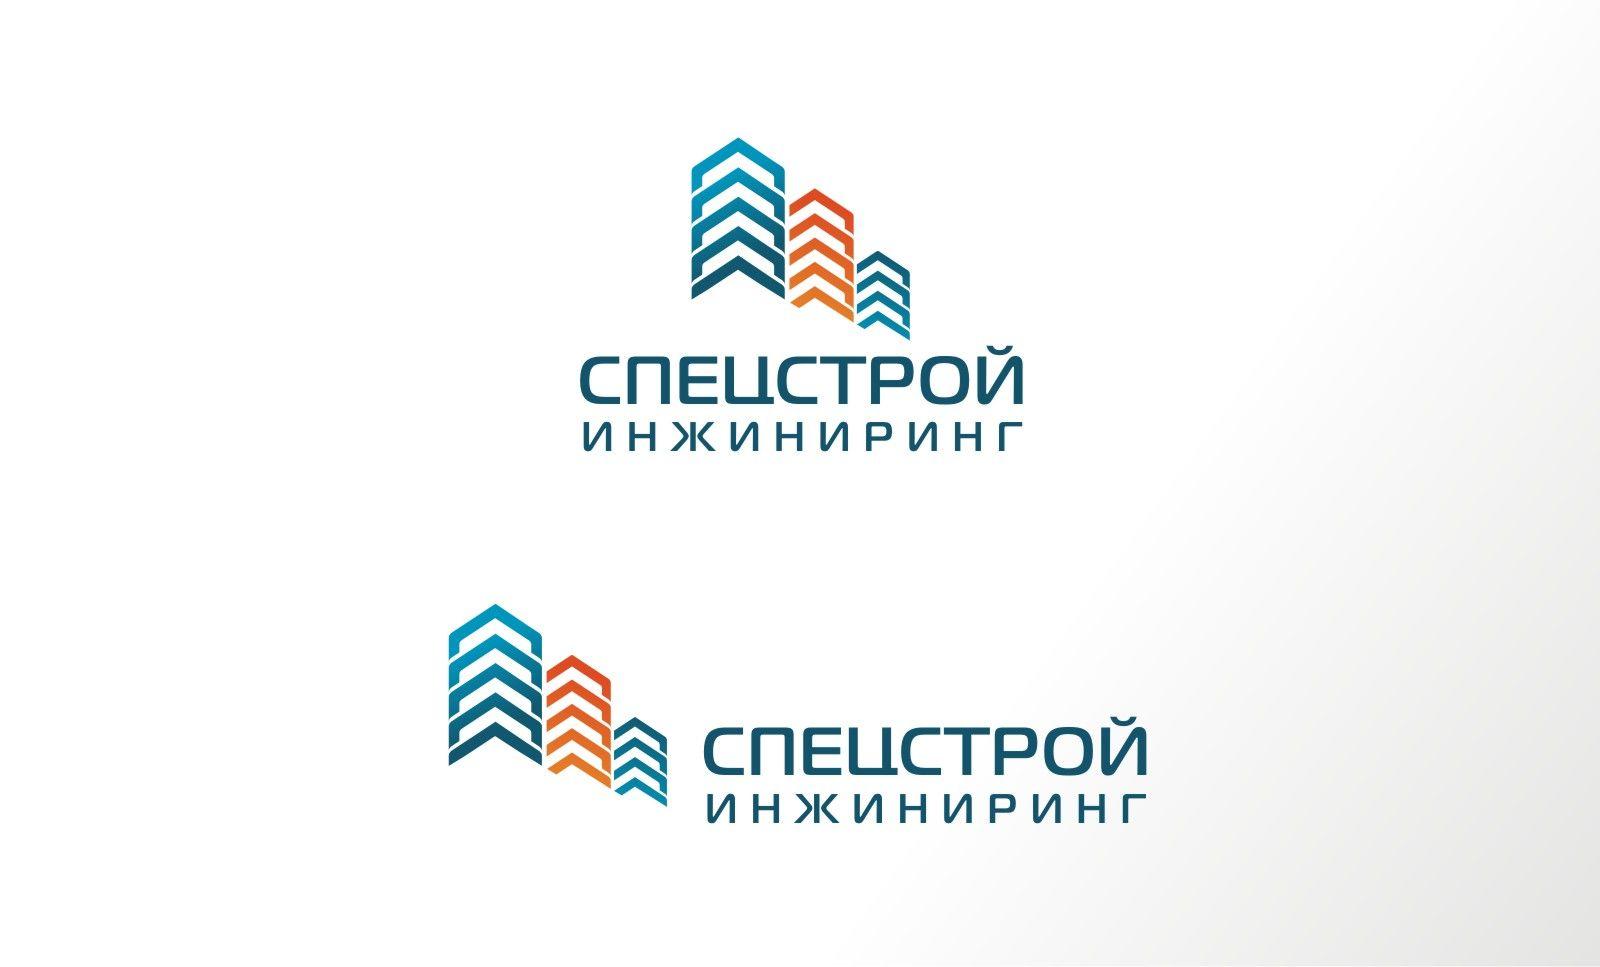 Логотип для строительной компании - дизайнер ideograph